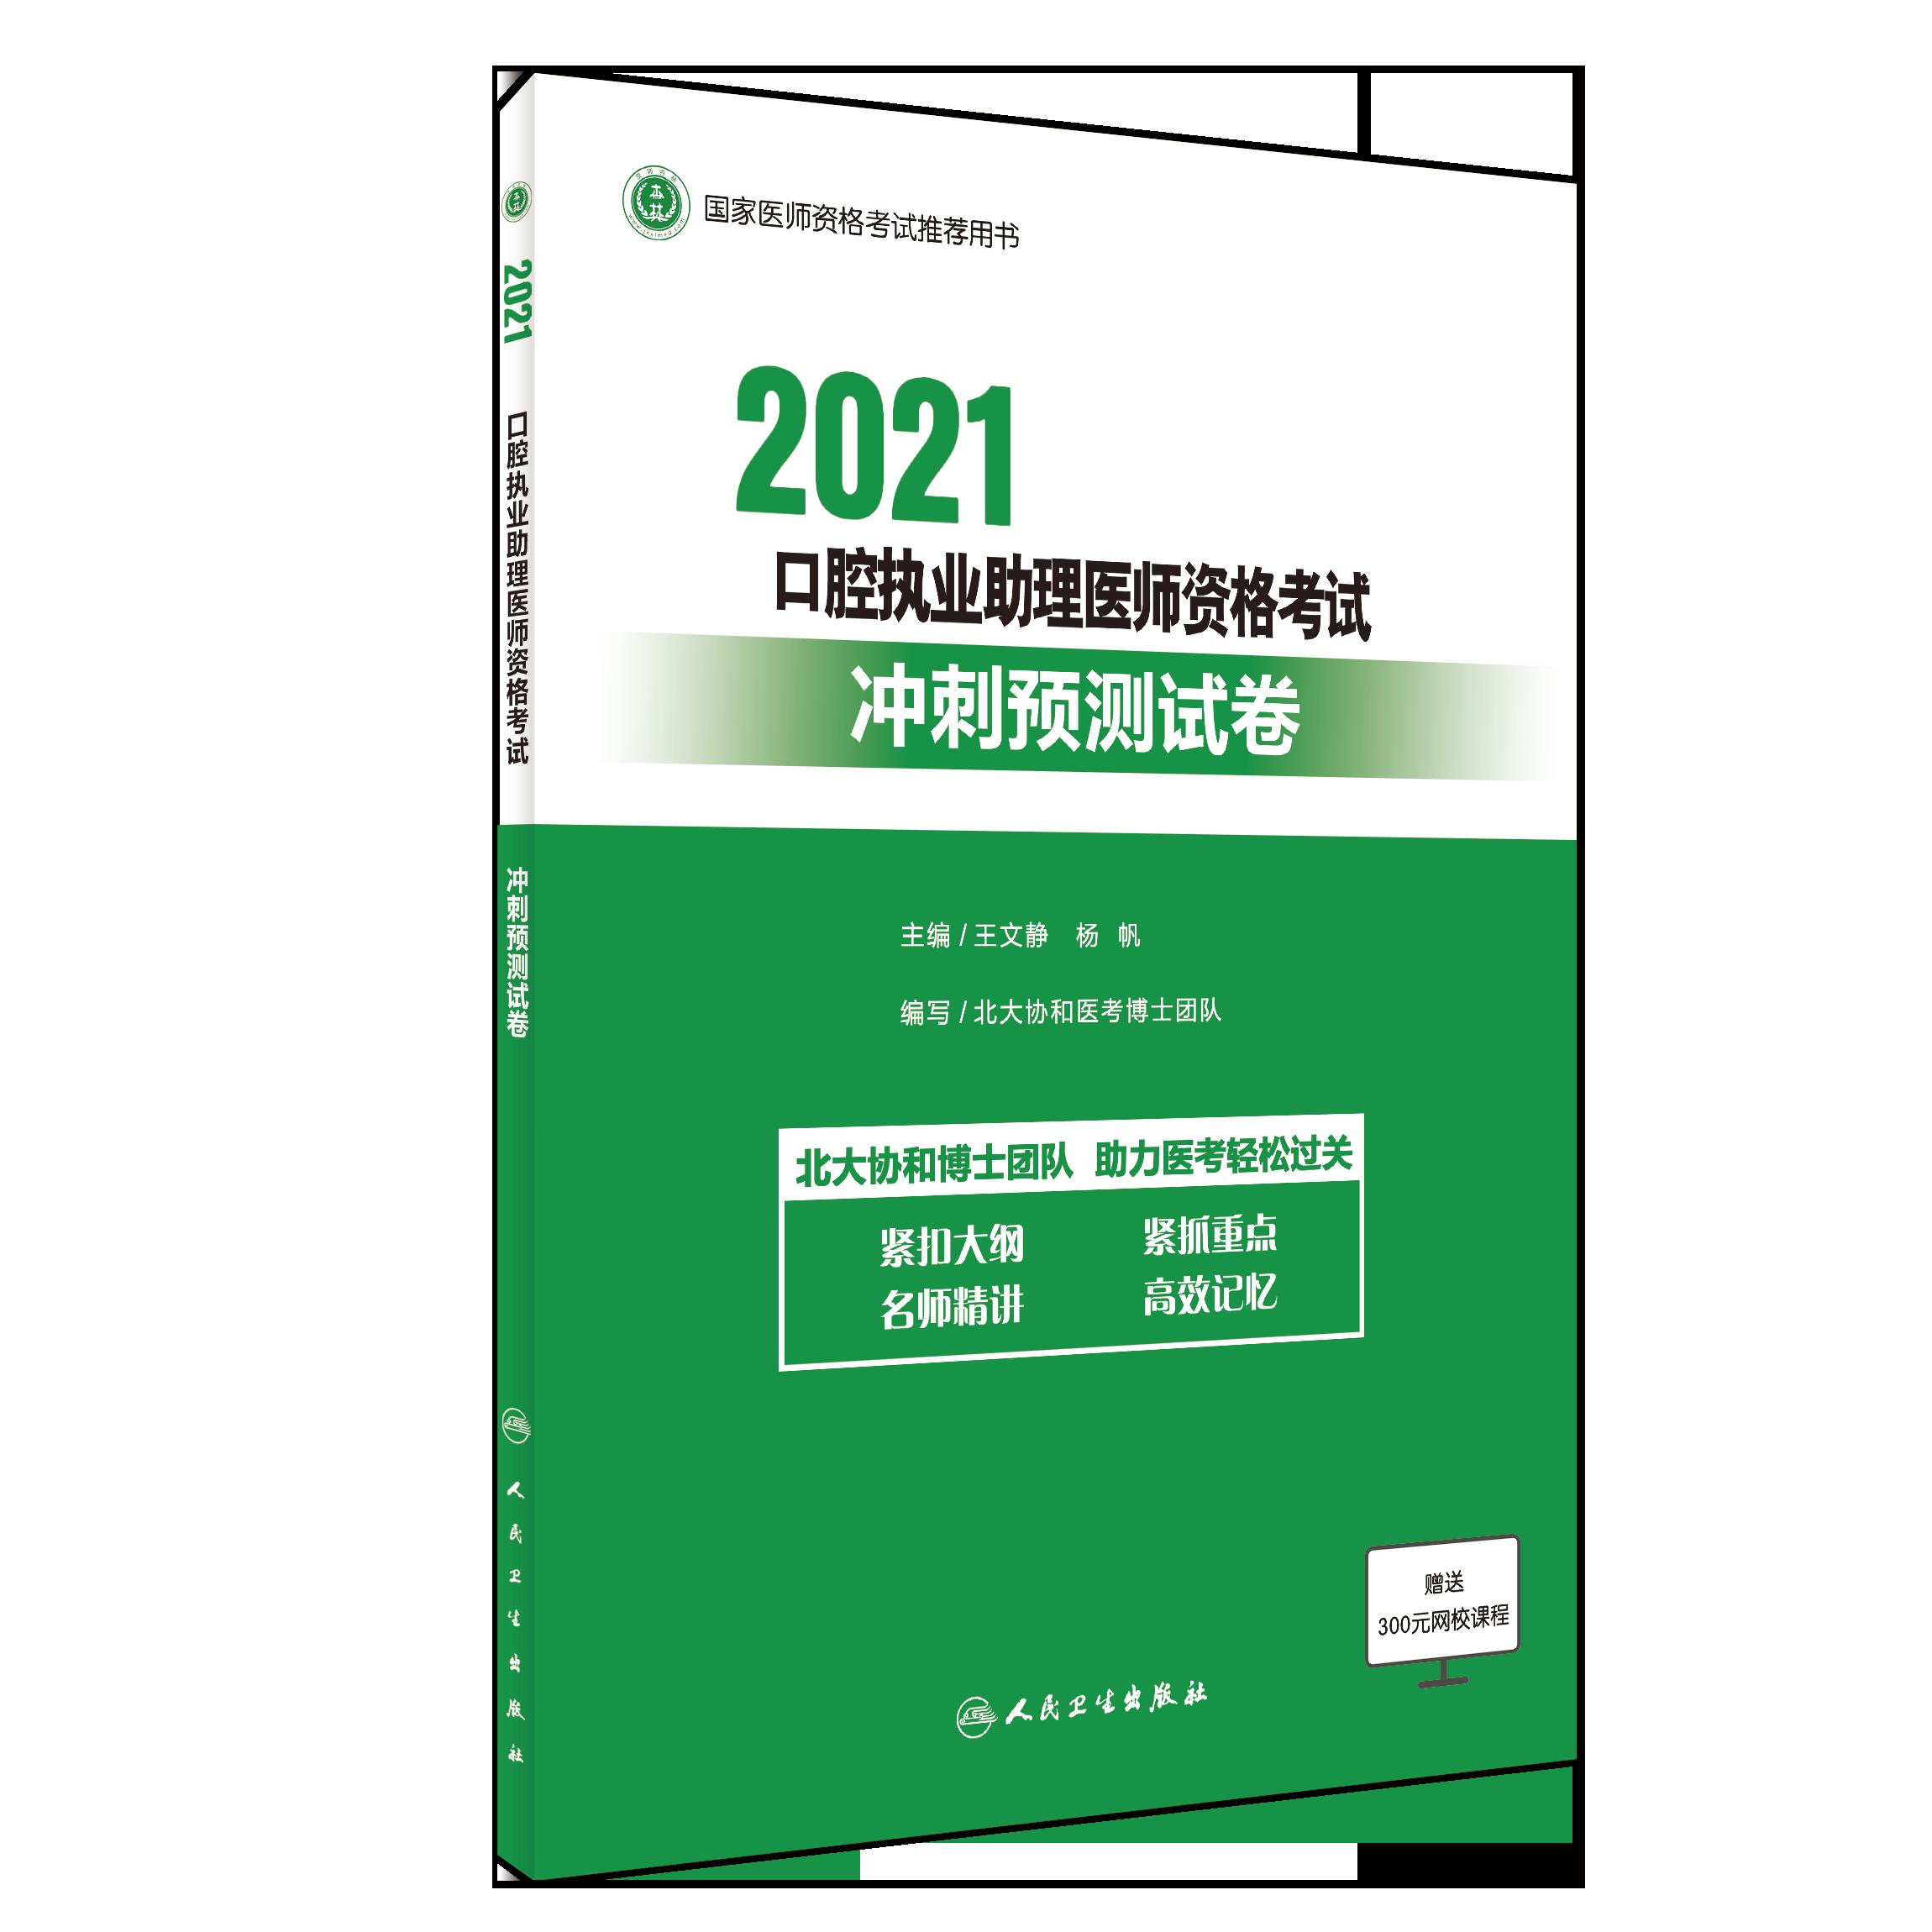 2021年口腔执业助理医师资格考试冲刺预测试卷